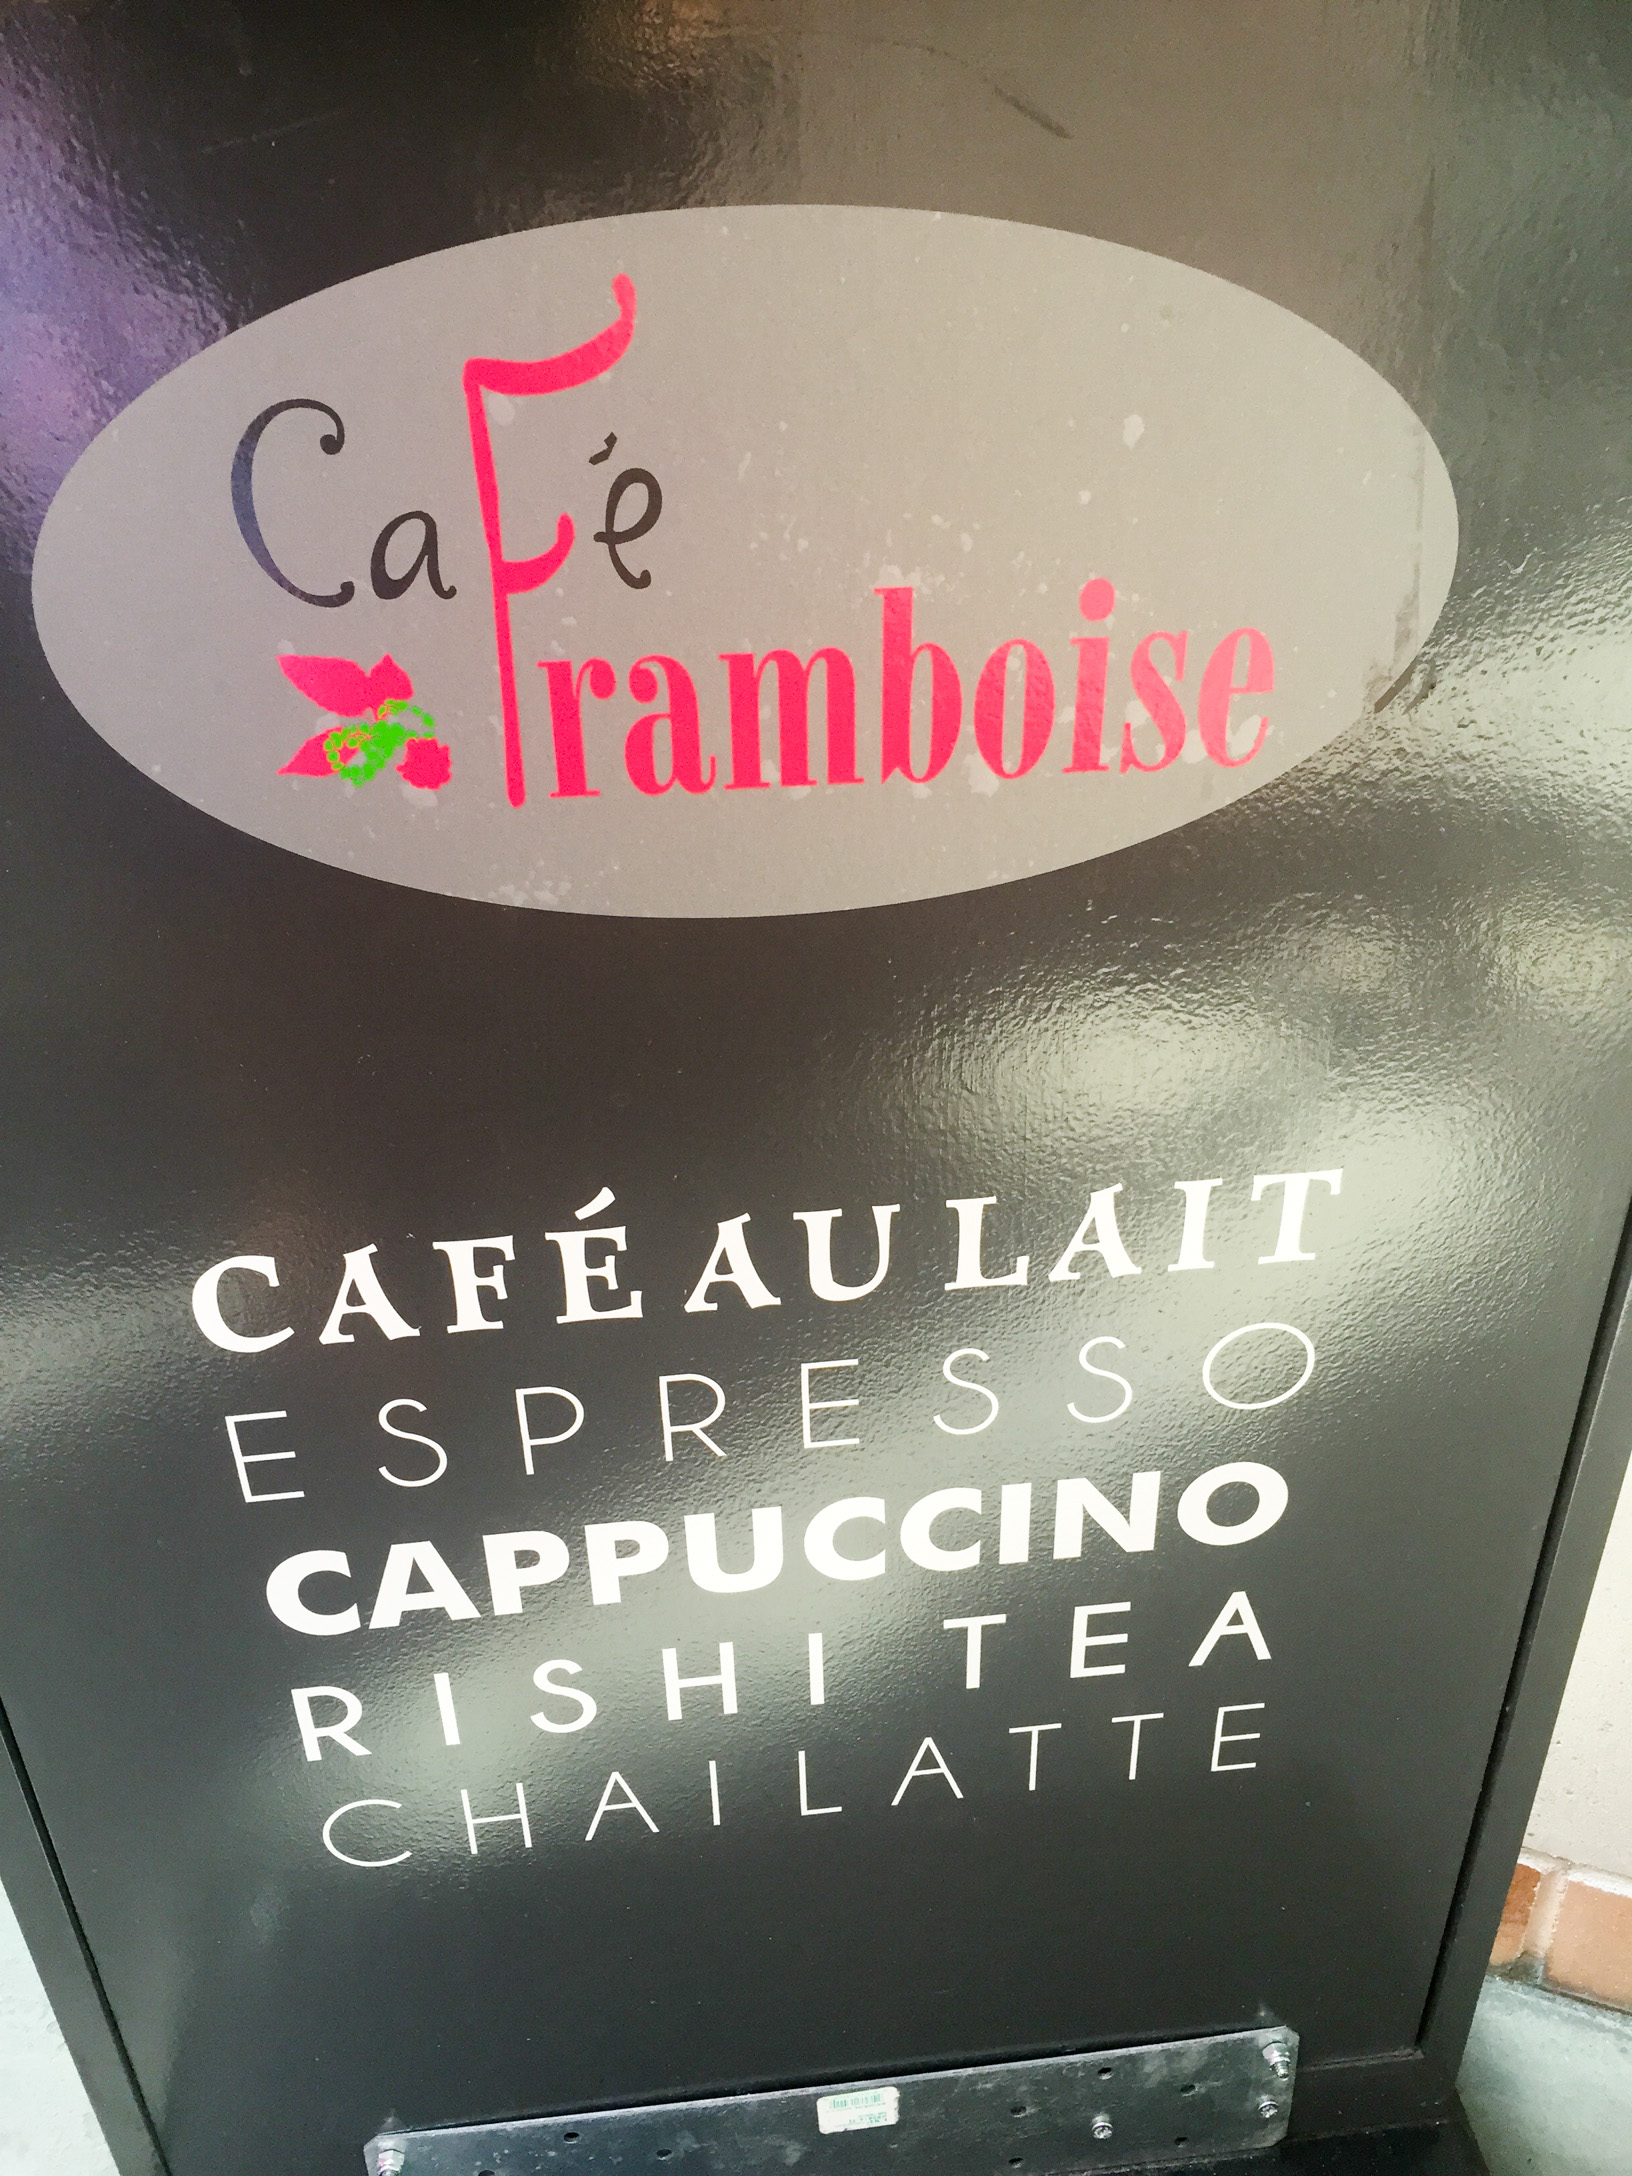 Café Framboise